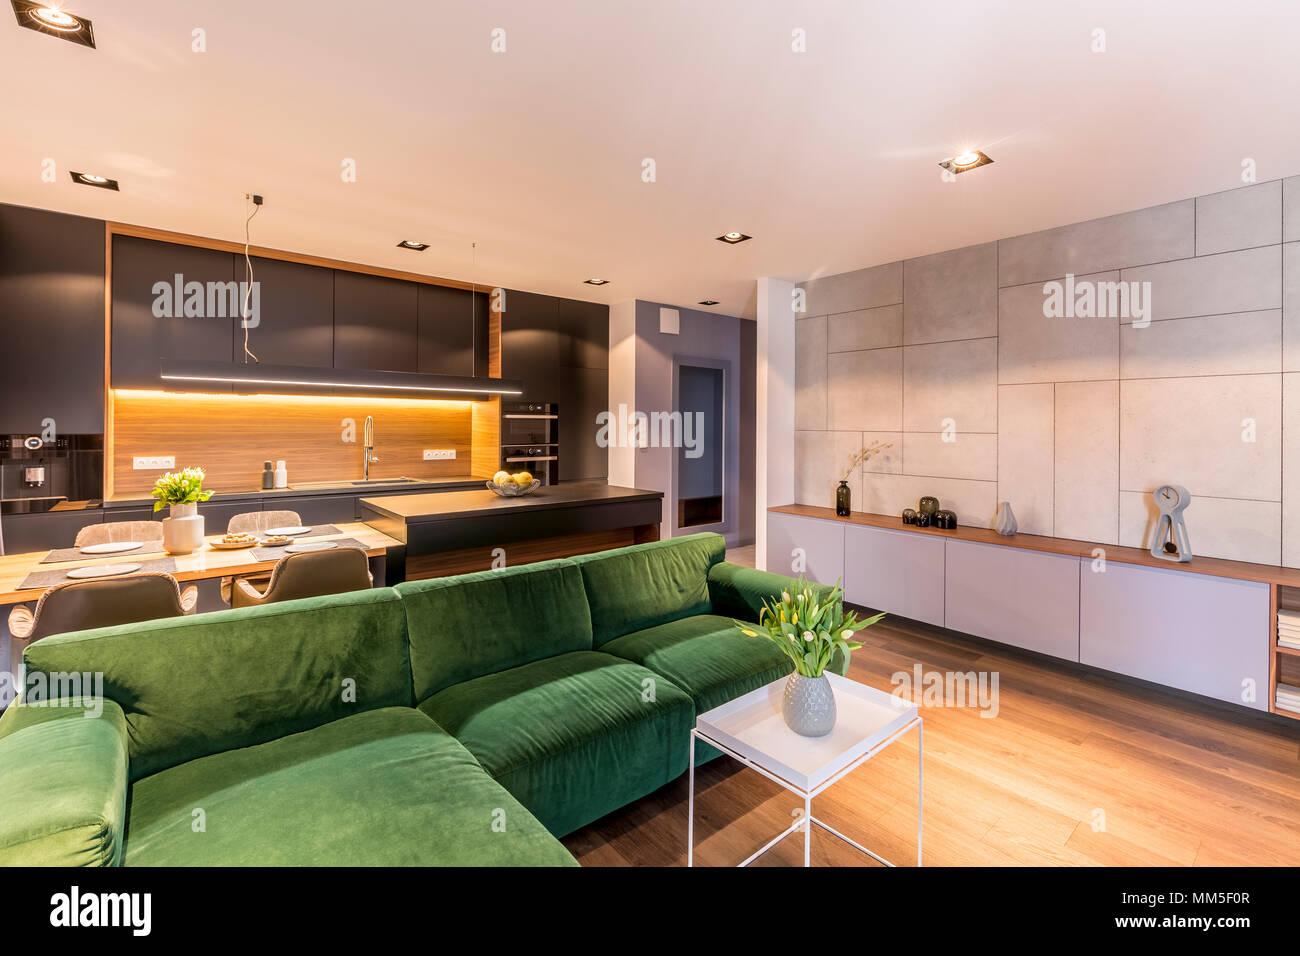 Grune Ecke Couch In Der Nahe Von Weissen Tisch Mit Blumen In Gemutliche Wohnung Interieur Mit Grauen Kuche Stockfotografie Alamy